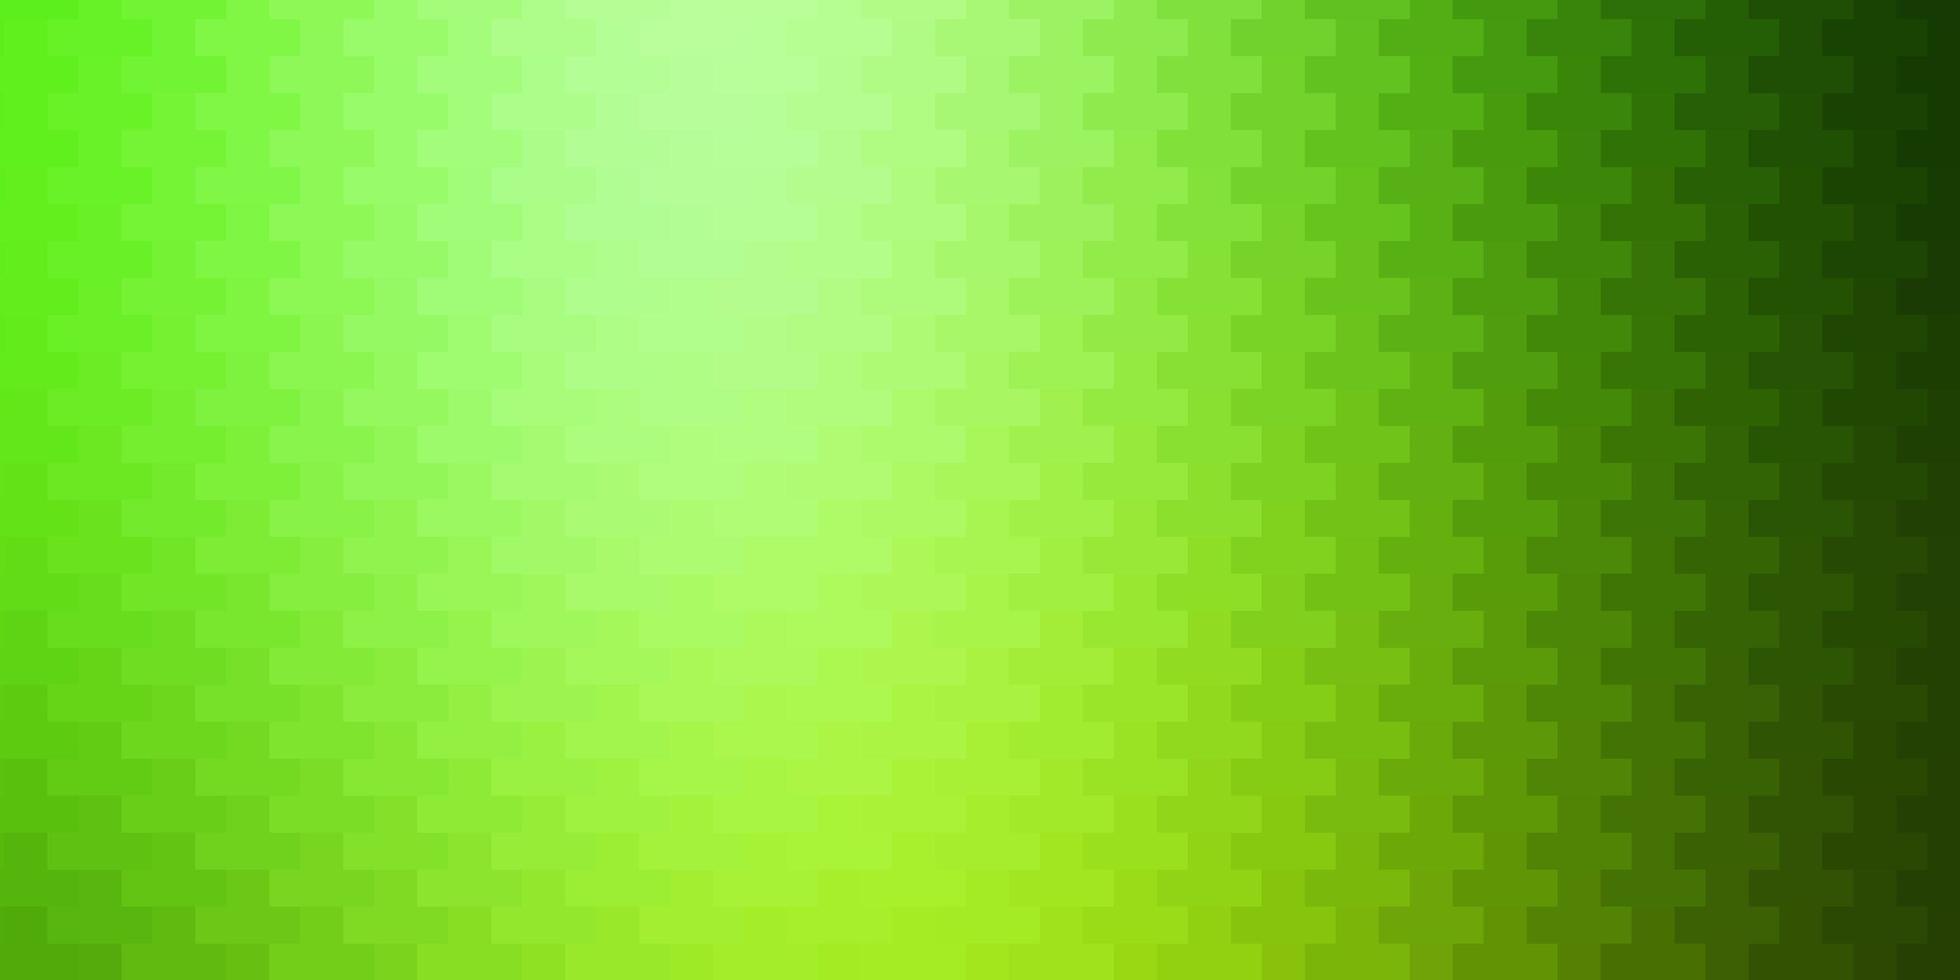 padrão de vetor verde claro em estilo quadrado.